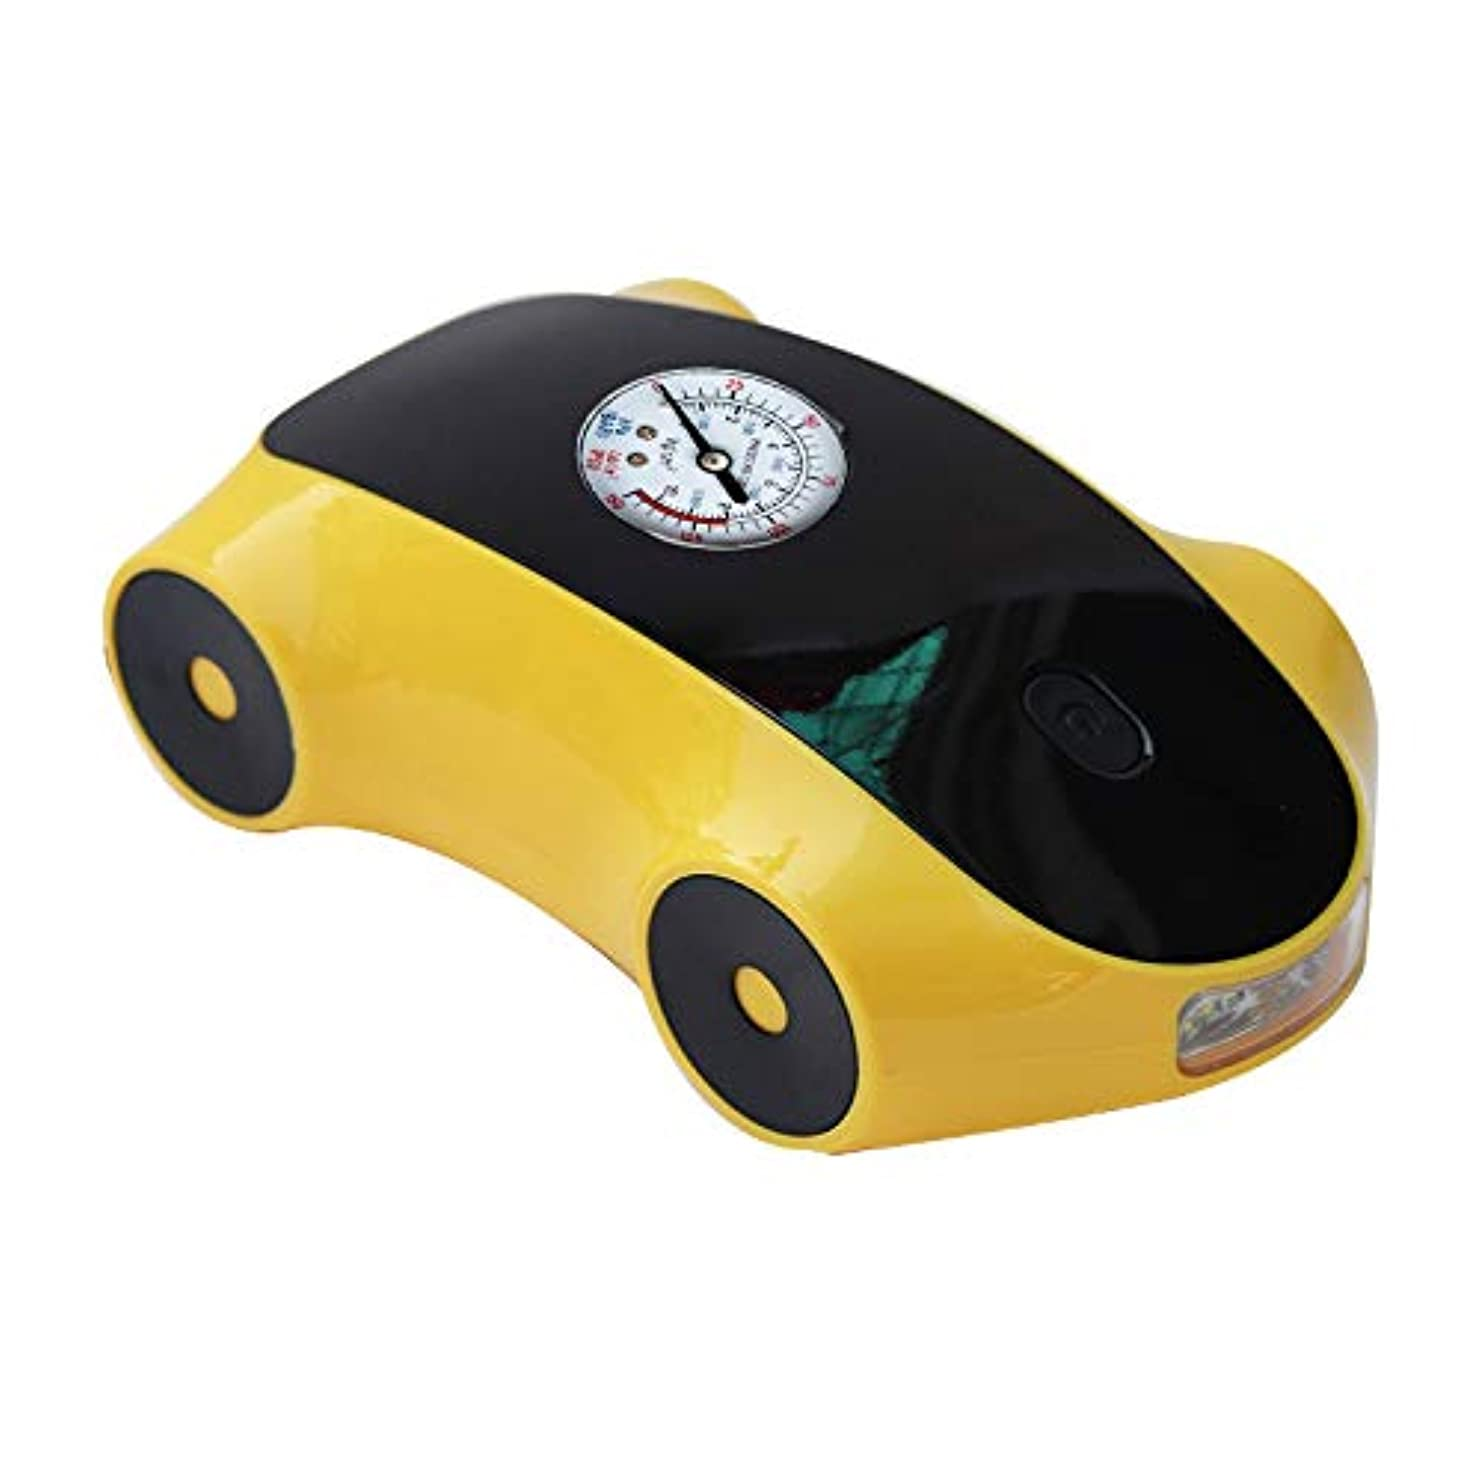 TOOGOO 車のエアーポンプ車のエアーポンプデジタルディスプレイ12ボルトポータブル?タイヤポンプスマートタイヤインフレーション黄色